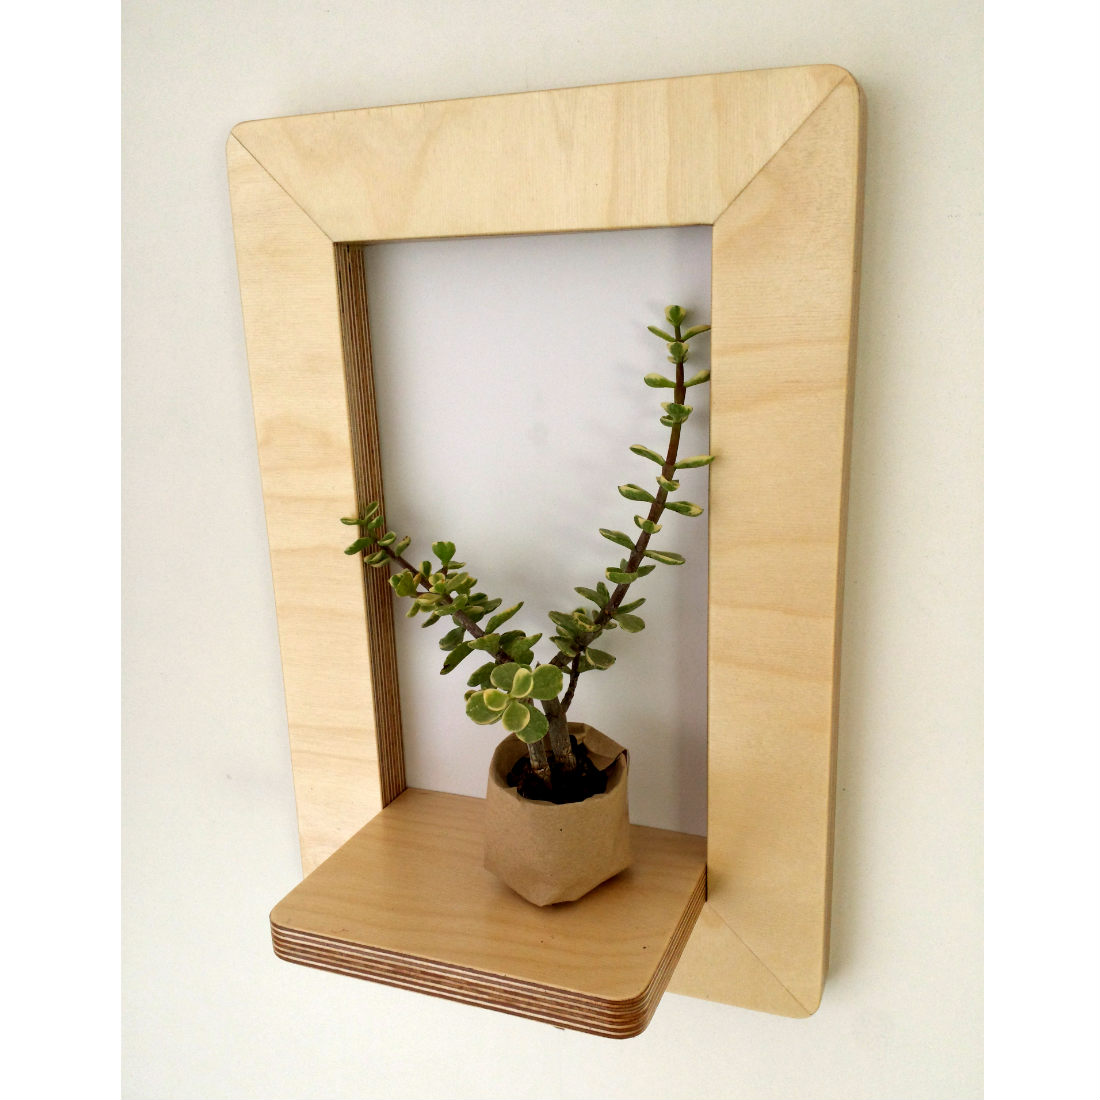 Marco Frame Shelf Homeware Furniture And Gifts Mocha